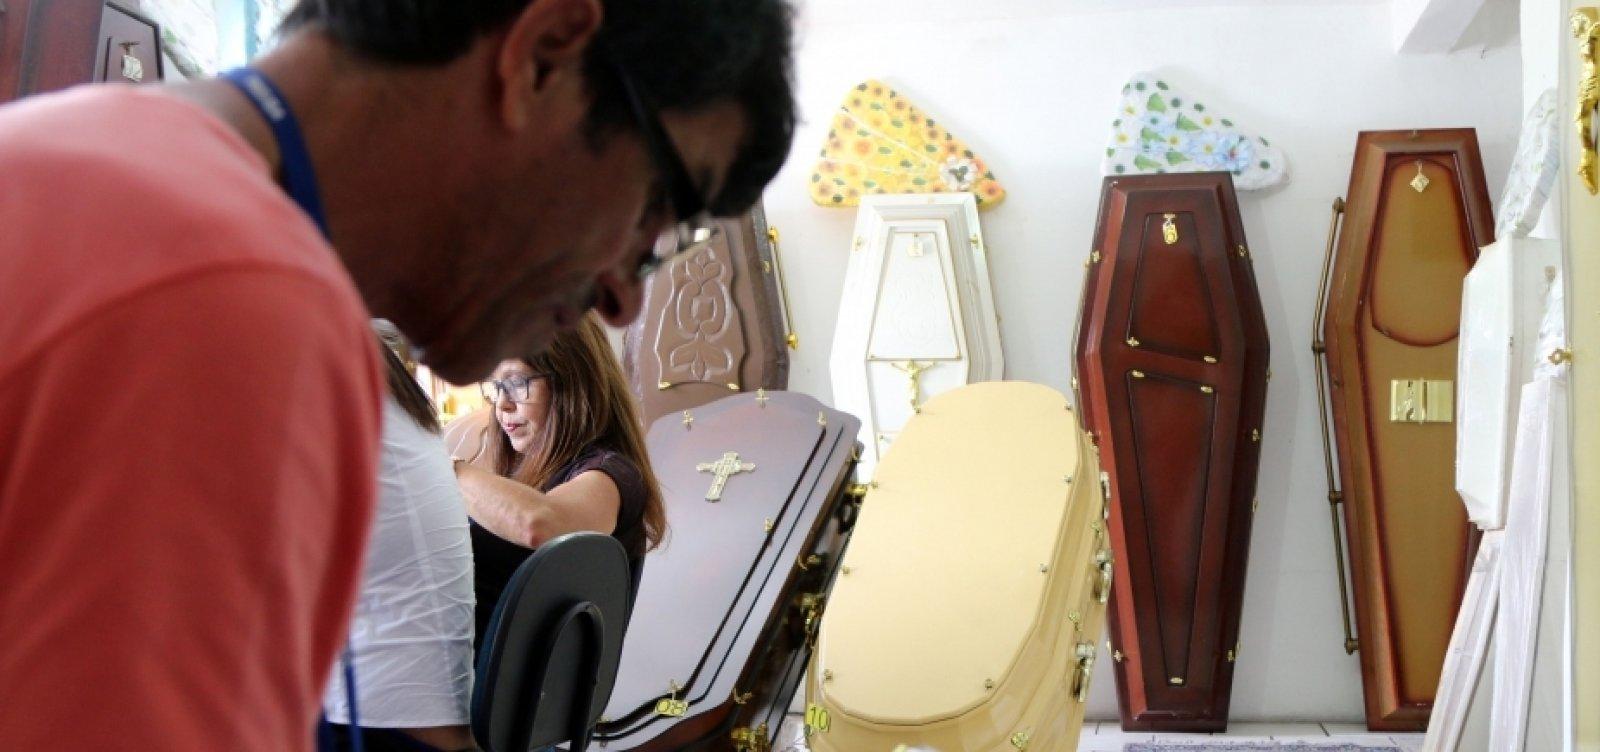 [Covid-19: Associação dos Fabricantes de Urnas faz alerta nacional sobre a possível falta de caixões]